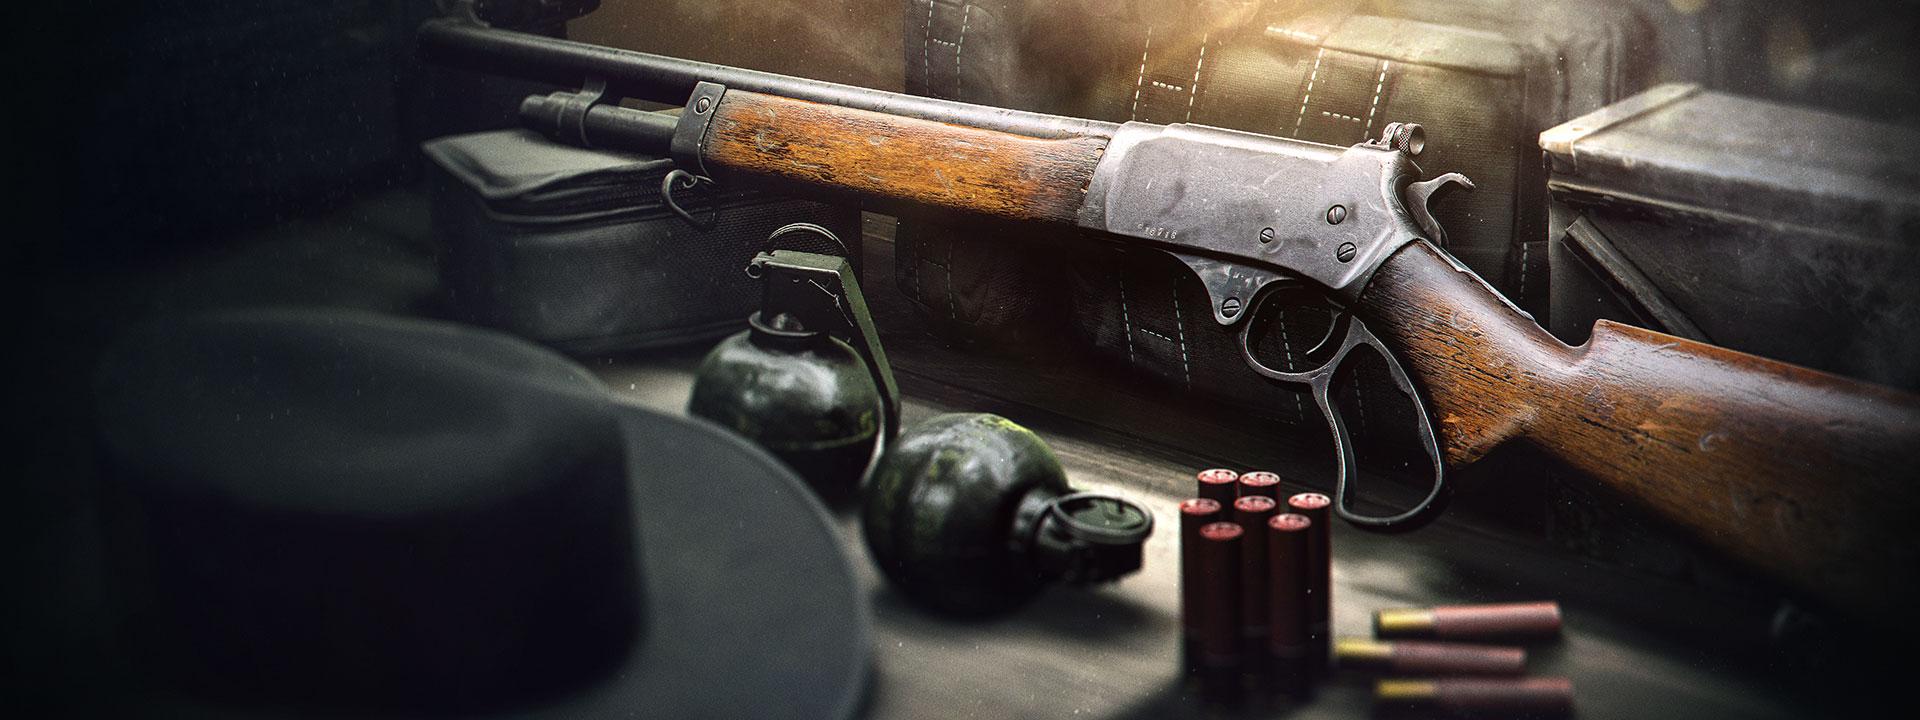 The .401 Ironhide Shotgun